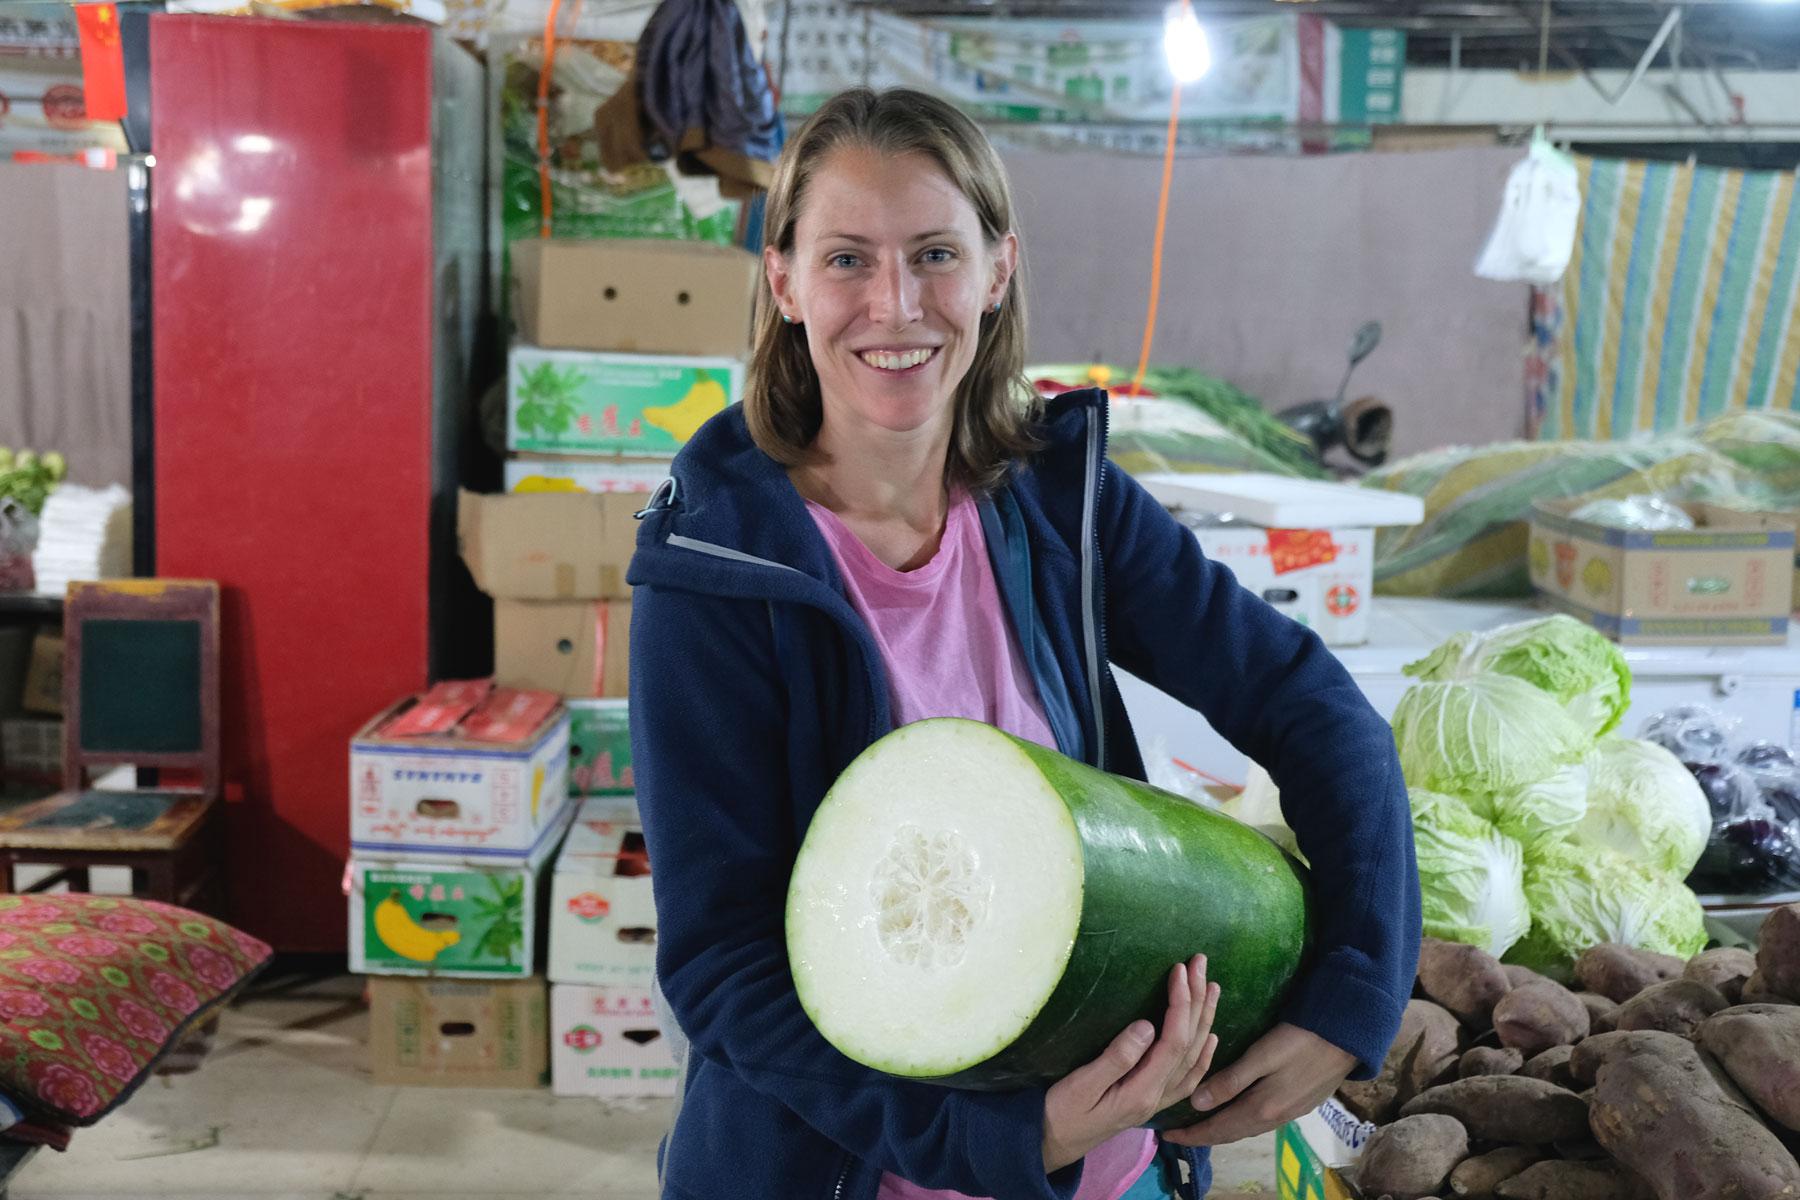 Hat schonmal jemand eine solch riesige Zucchini gesehen? :D